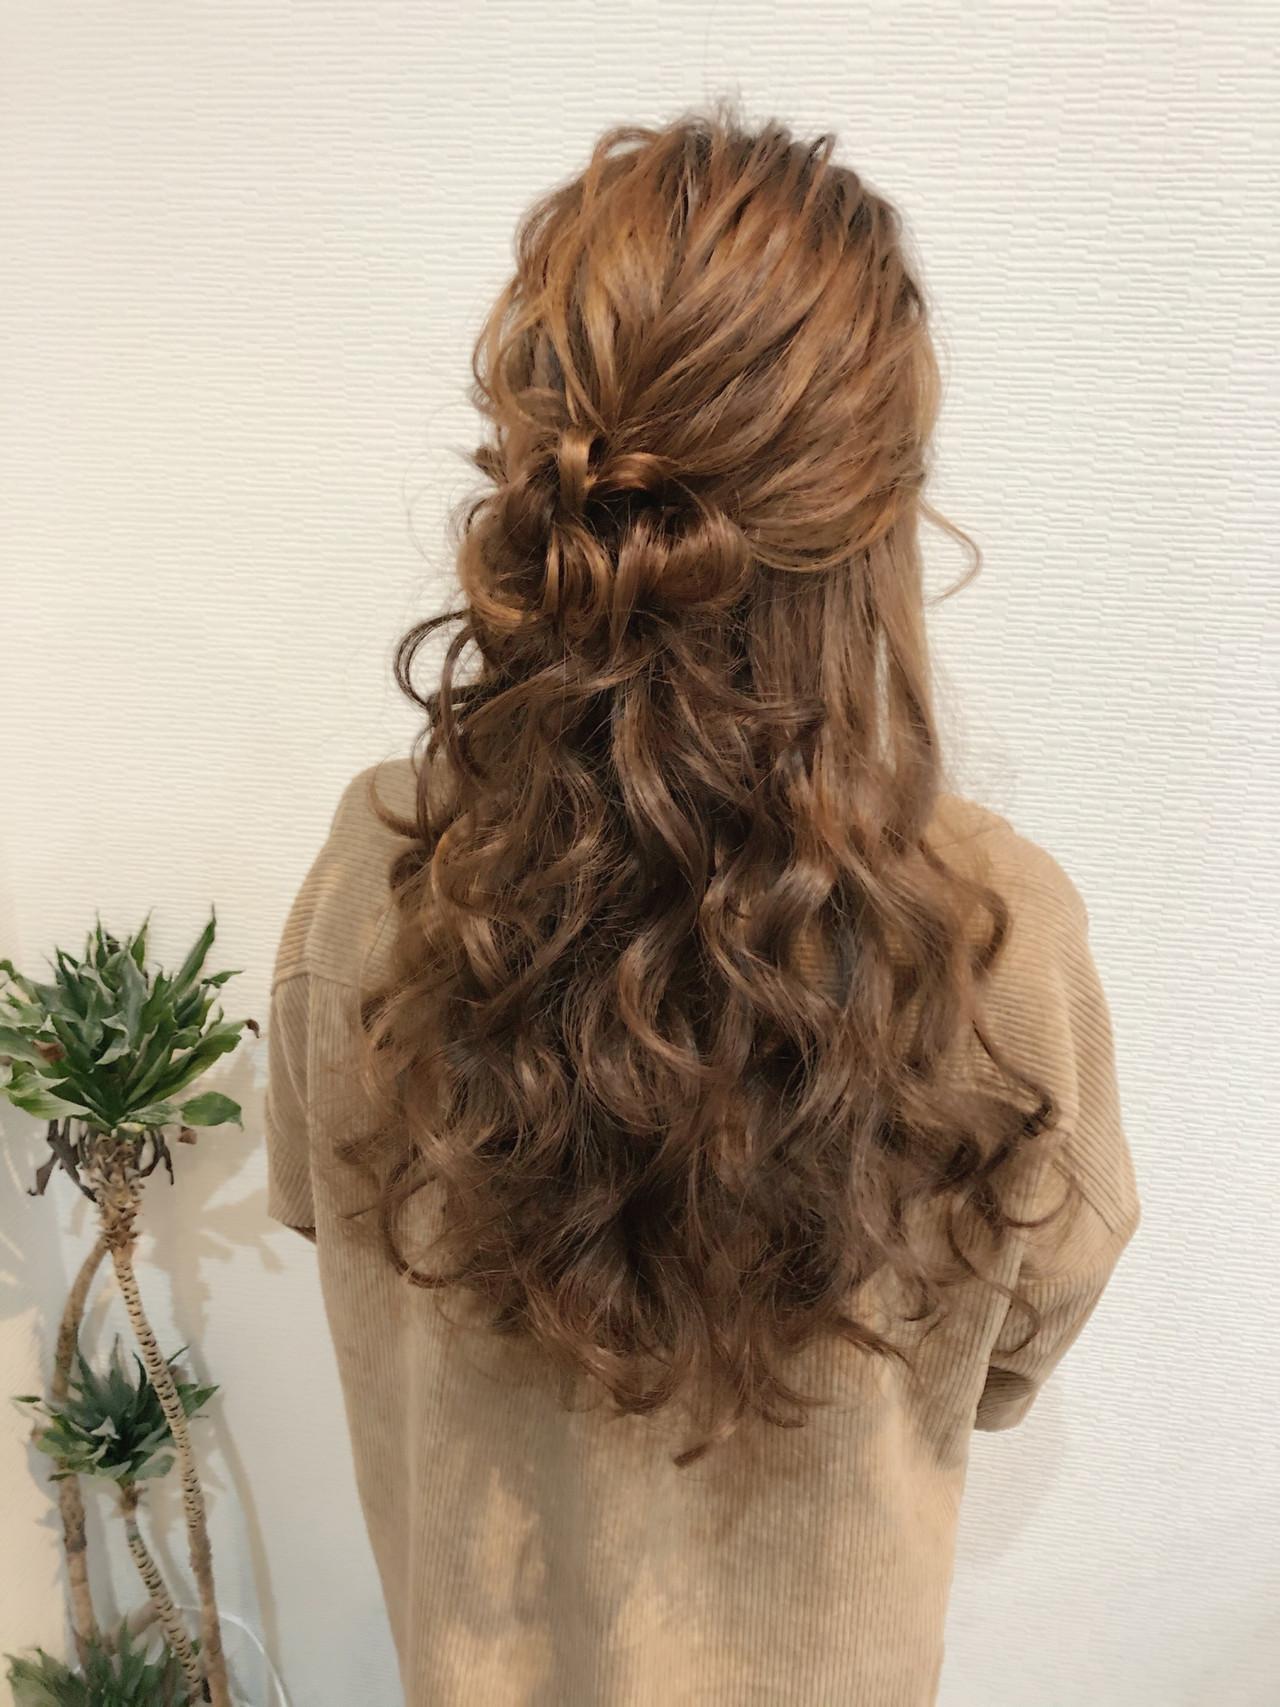 ヘアセット ヘアアレンジ お団子アレンジ ロング ヘアスタイルや髪型の写真・画像 | mai / HAIR SALON STELLA